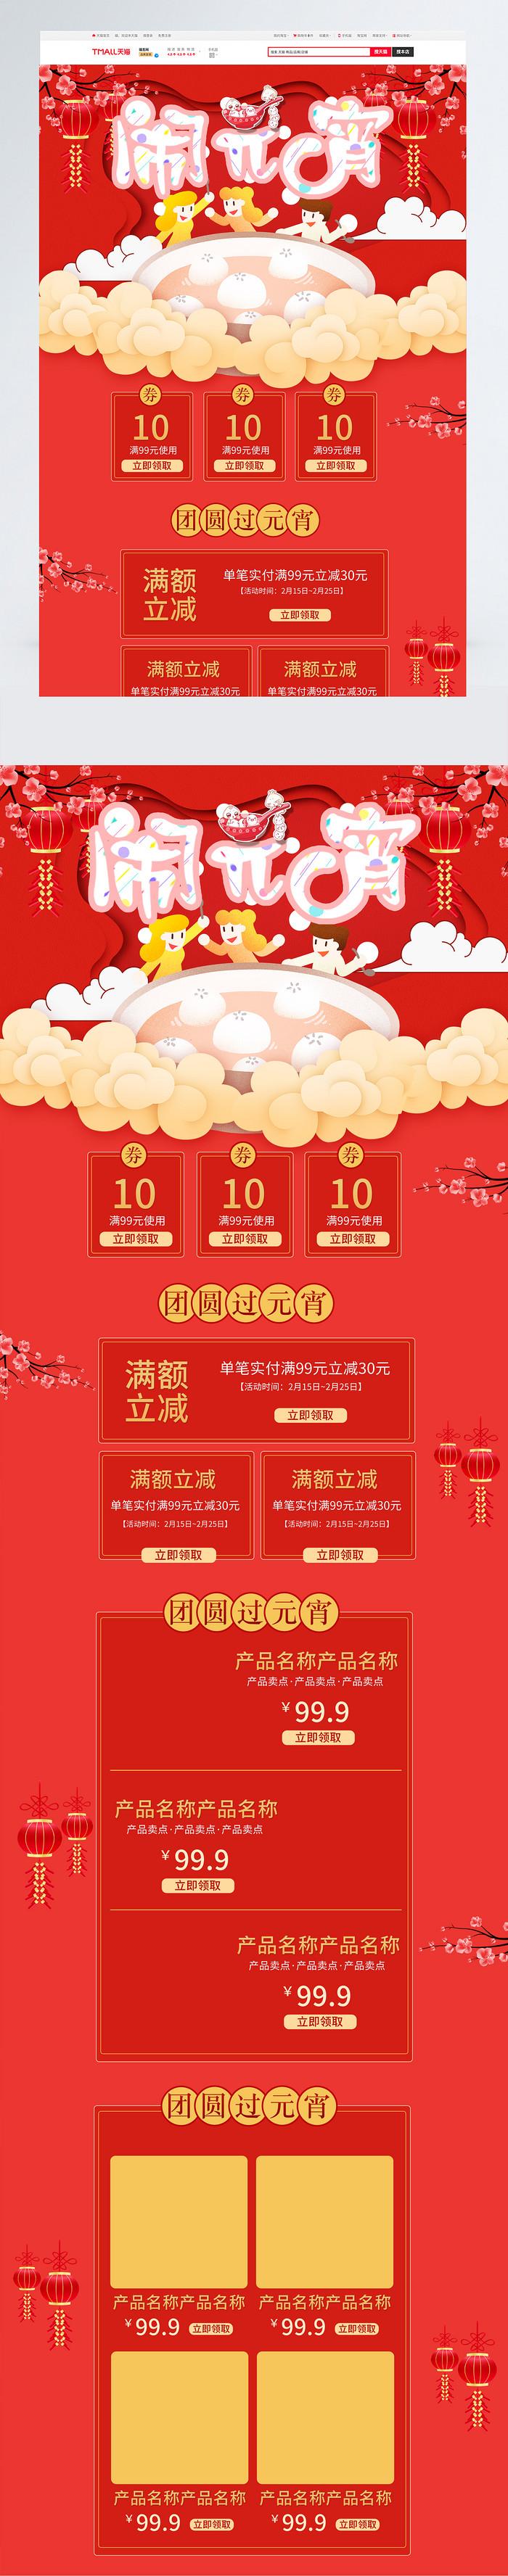 元宵节快乐促销淘宝首页